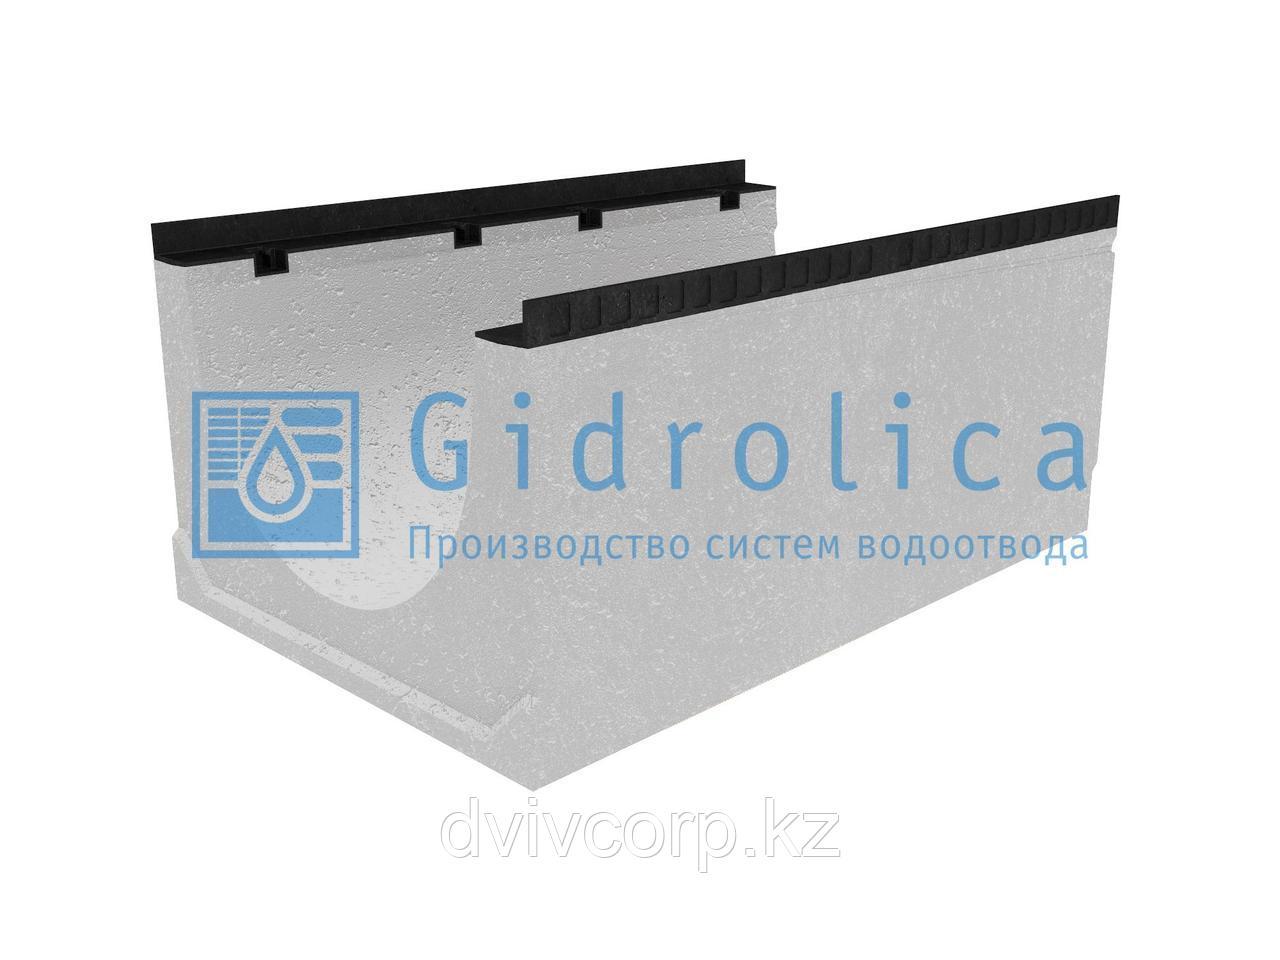 Лоток водоотводный бетонный коробчатый (СО-500мм), с уклоном 0,5%  КUу 100.65(50).47(38) - BGМ, № 4